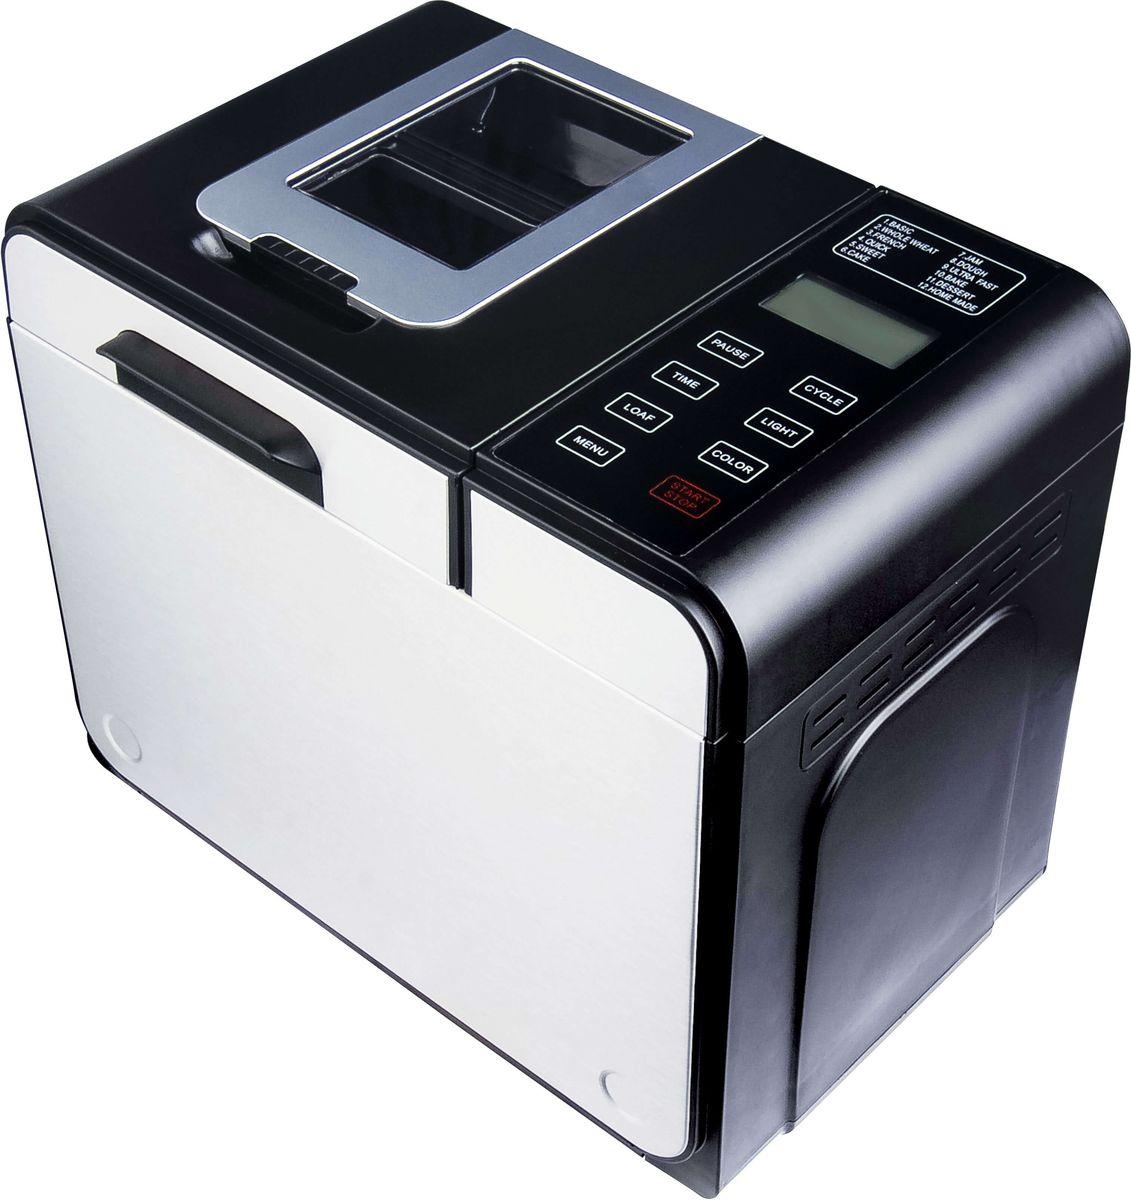 Gemlux GL-BM-775 хлебопечкаGL-BM-775Хлебопечка Gemlux GL-BM-77512 программ, вес буханки 750/900 г, 3 варианта цвета корочки, подогрев 60 мин, в комплекте мерный стакан, мерная ложка, лопасть для замеса, дозатор для орехов